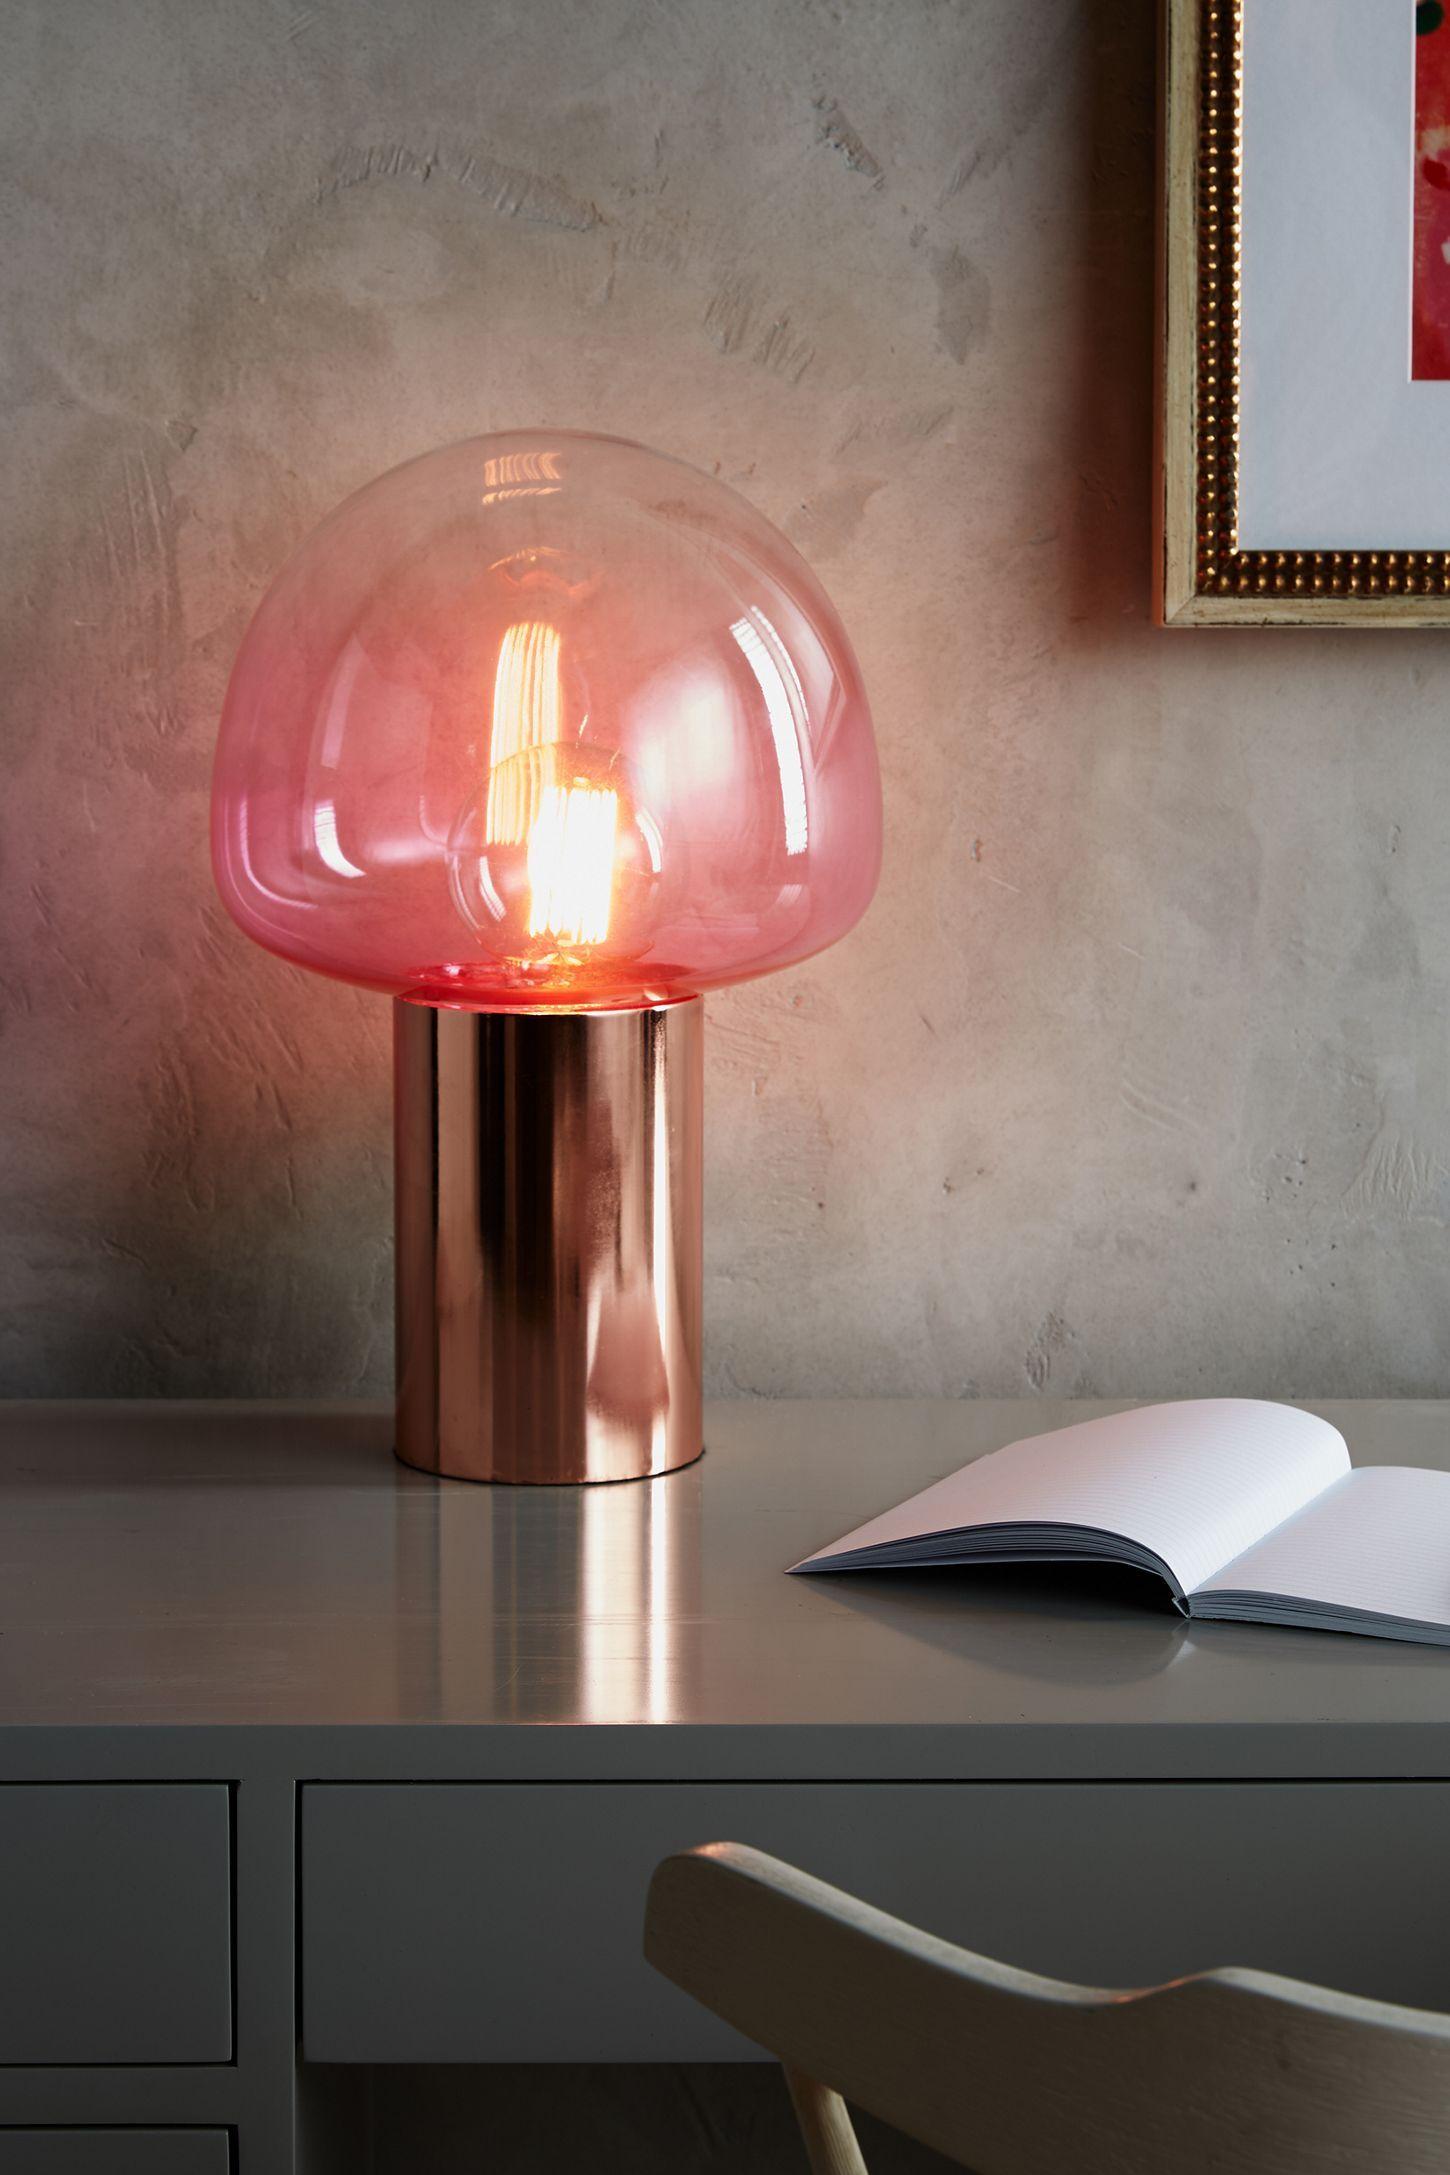 210d0c30d5c8636fb455fb6f14597723 Résultat Supérieur 60 Luxe Lampe Decorative Stock 2018 Ldkt